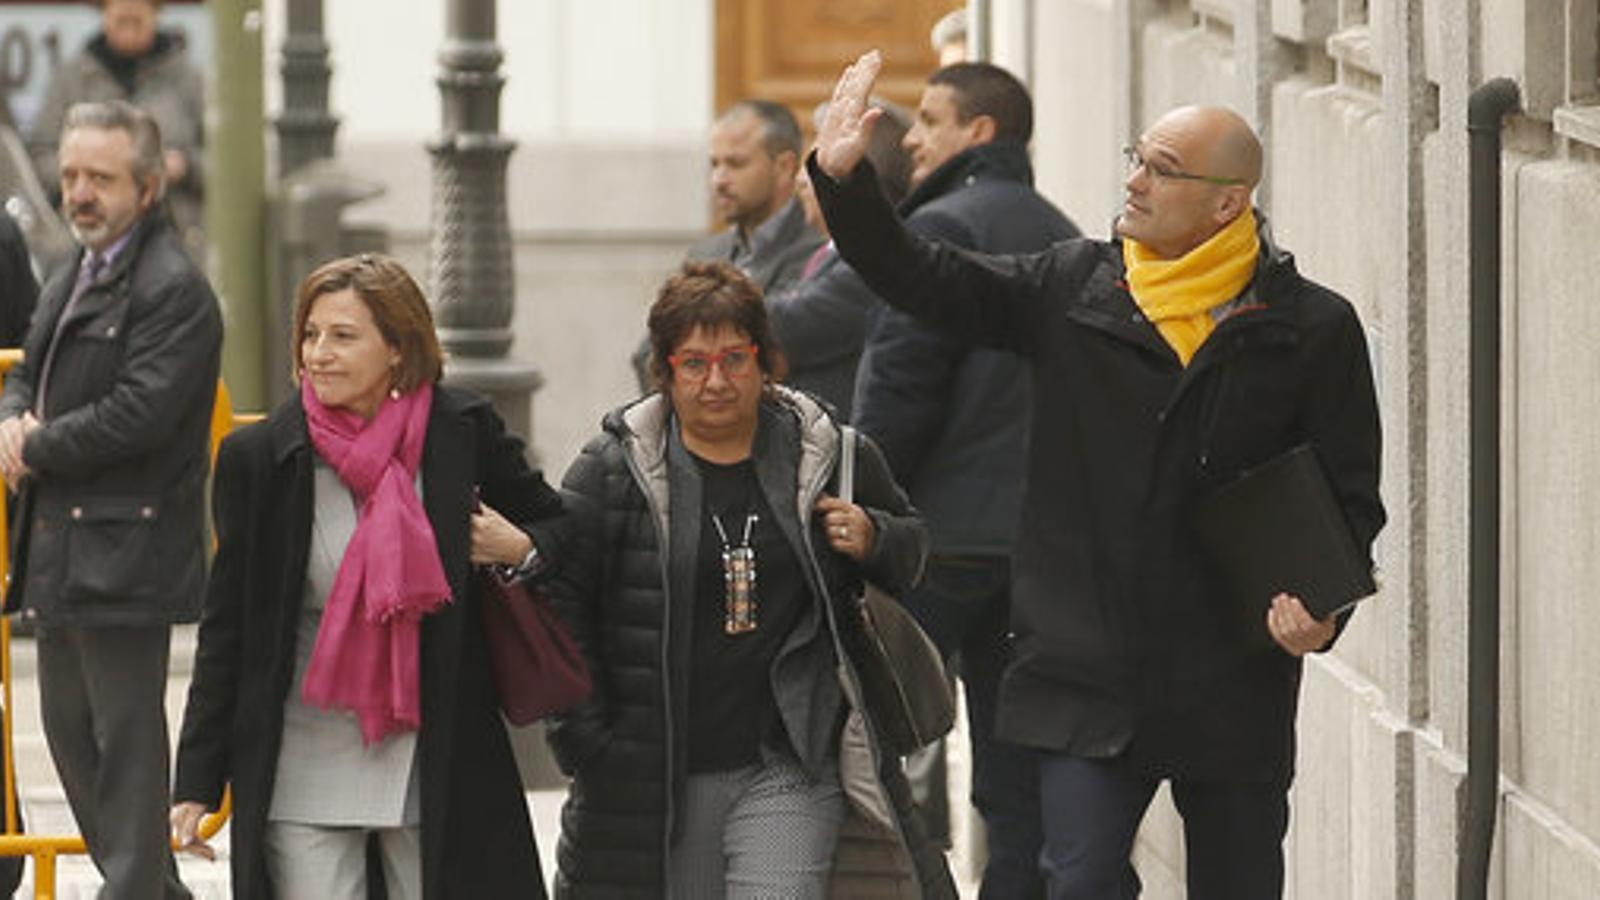 Les exdiputades Dolors Bassa i Carme Forcadell abans d'entrar al Tribunal Suprem, amb el també exdiputat Raül Romeva